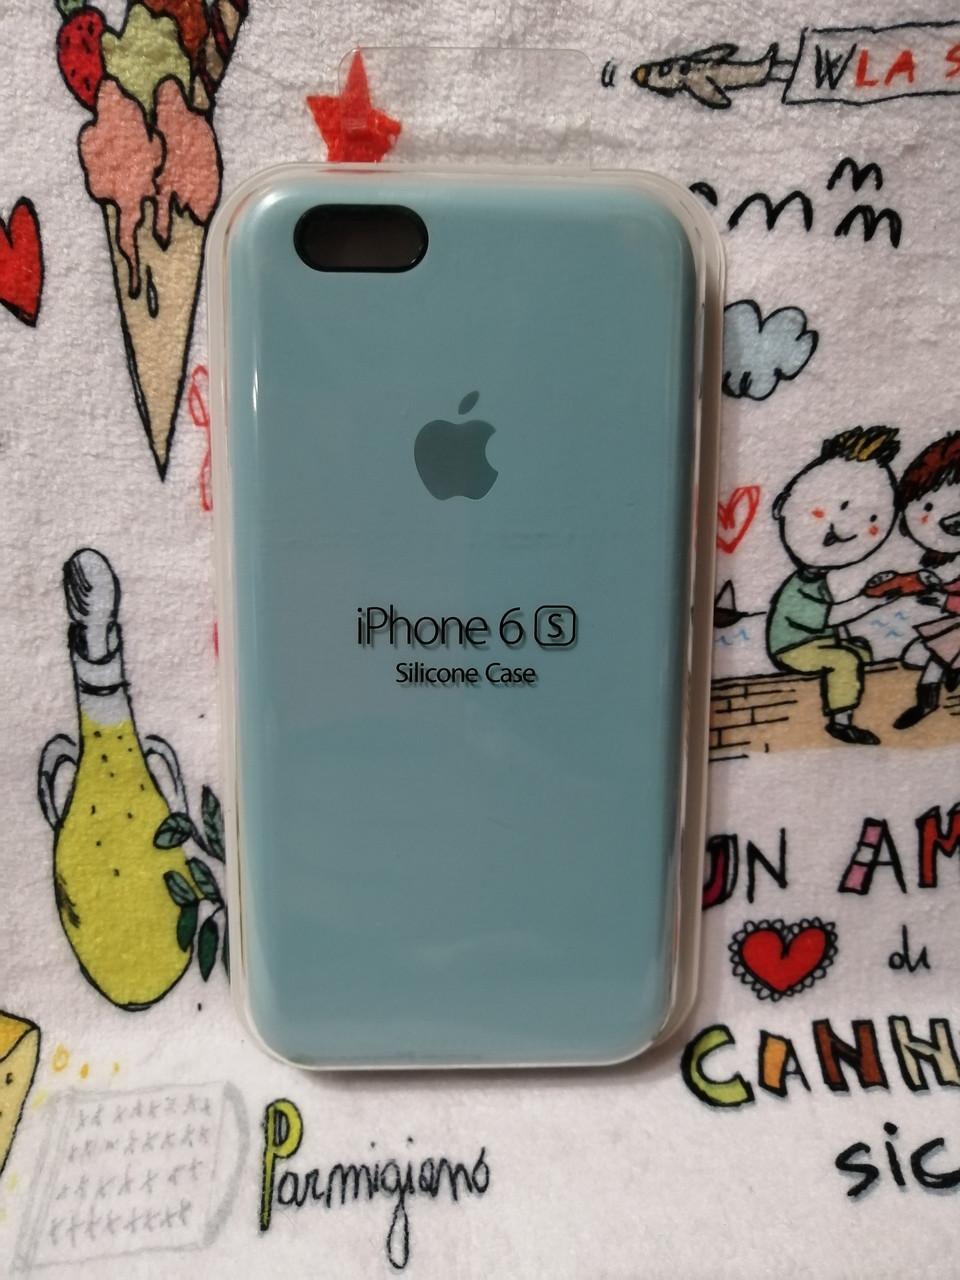 Силиконовый чехол для Айфон  6 / 6S  Silicon Case Iphone 6 / 6S в защищенном боксе - Color 26